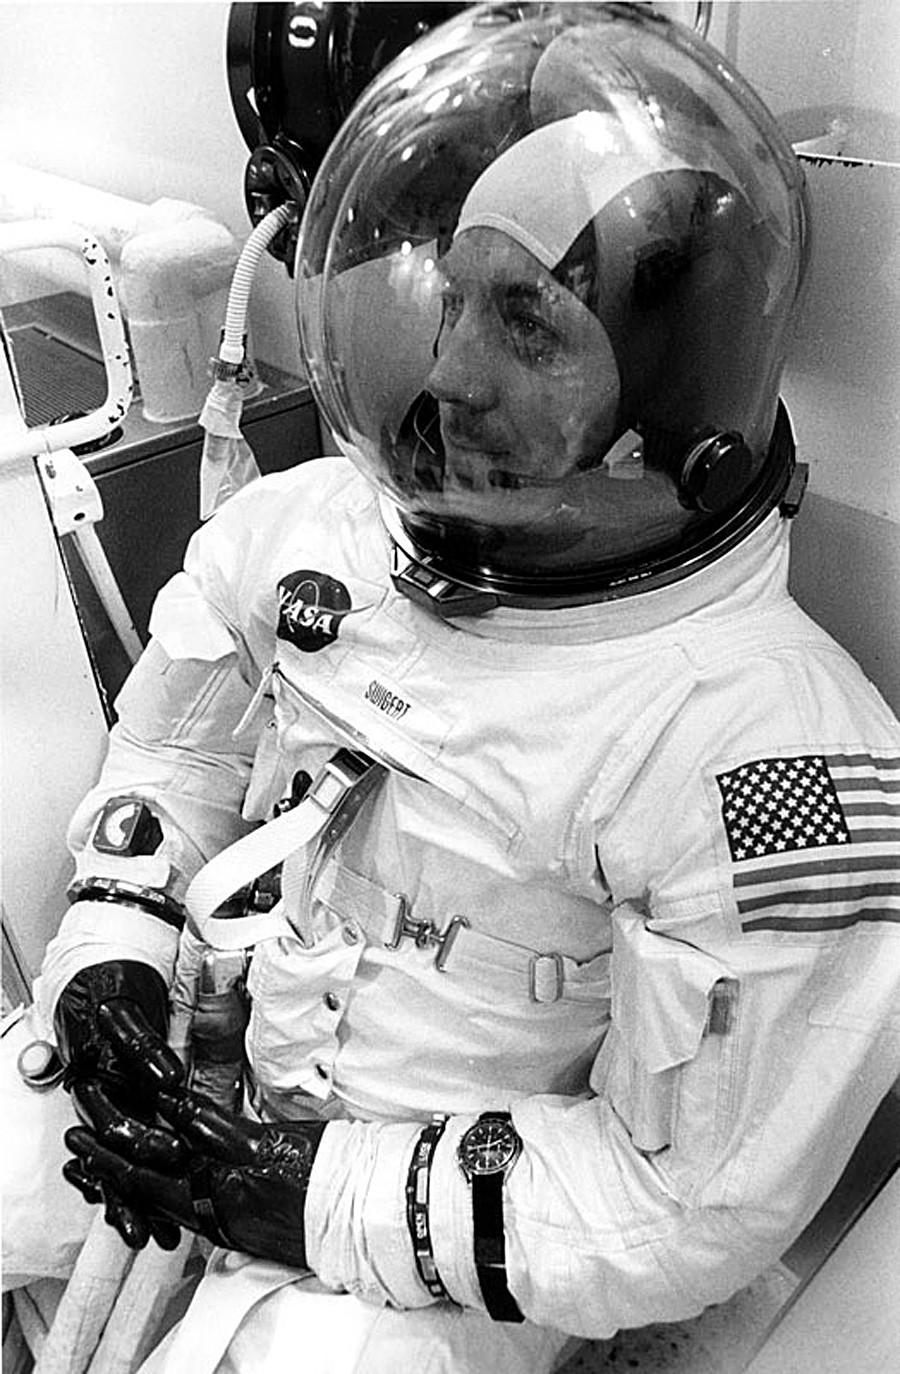 Амерички астронаут Џек Свигерт носи сат Omega. 11. априла, 1970.